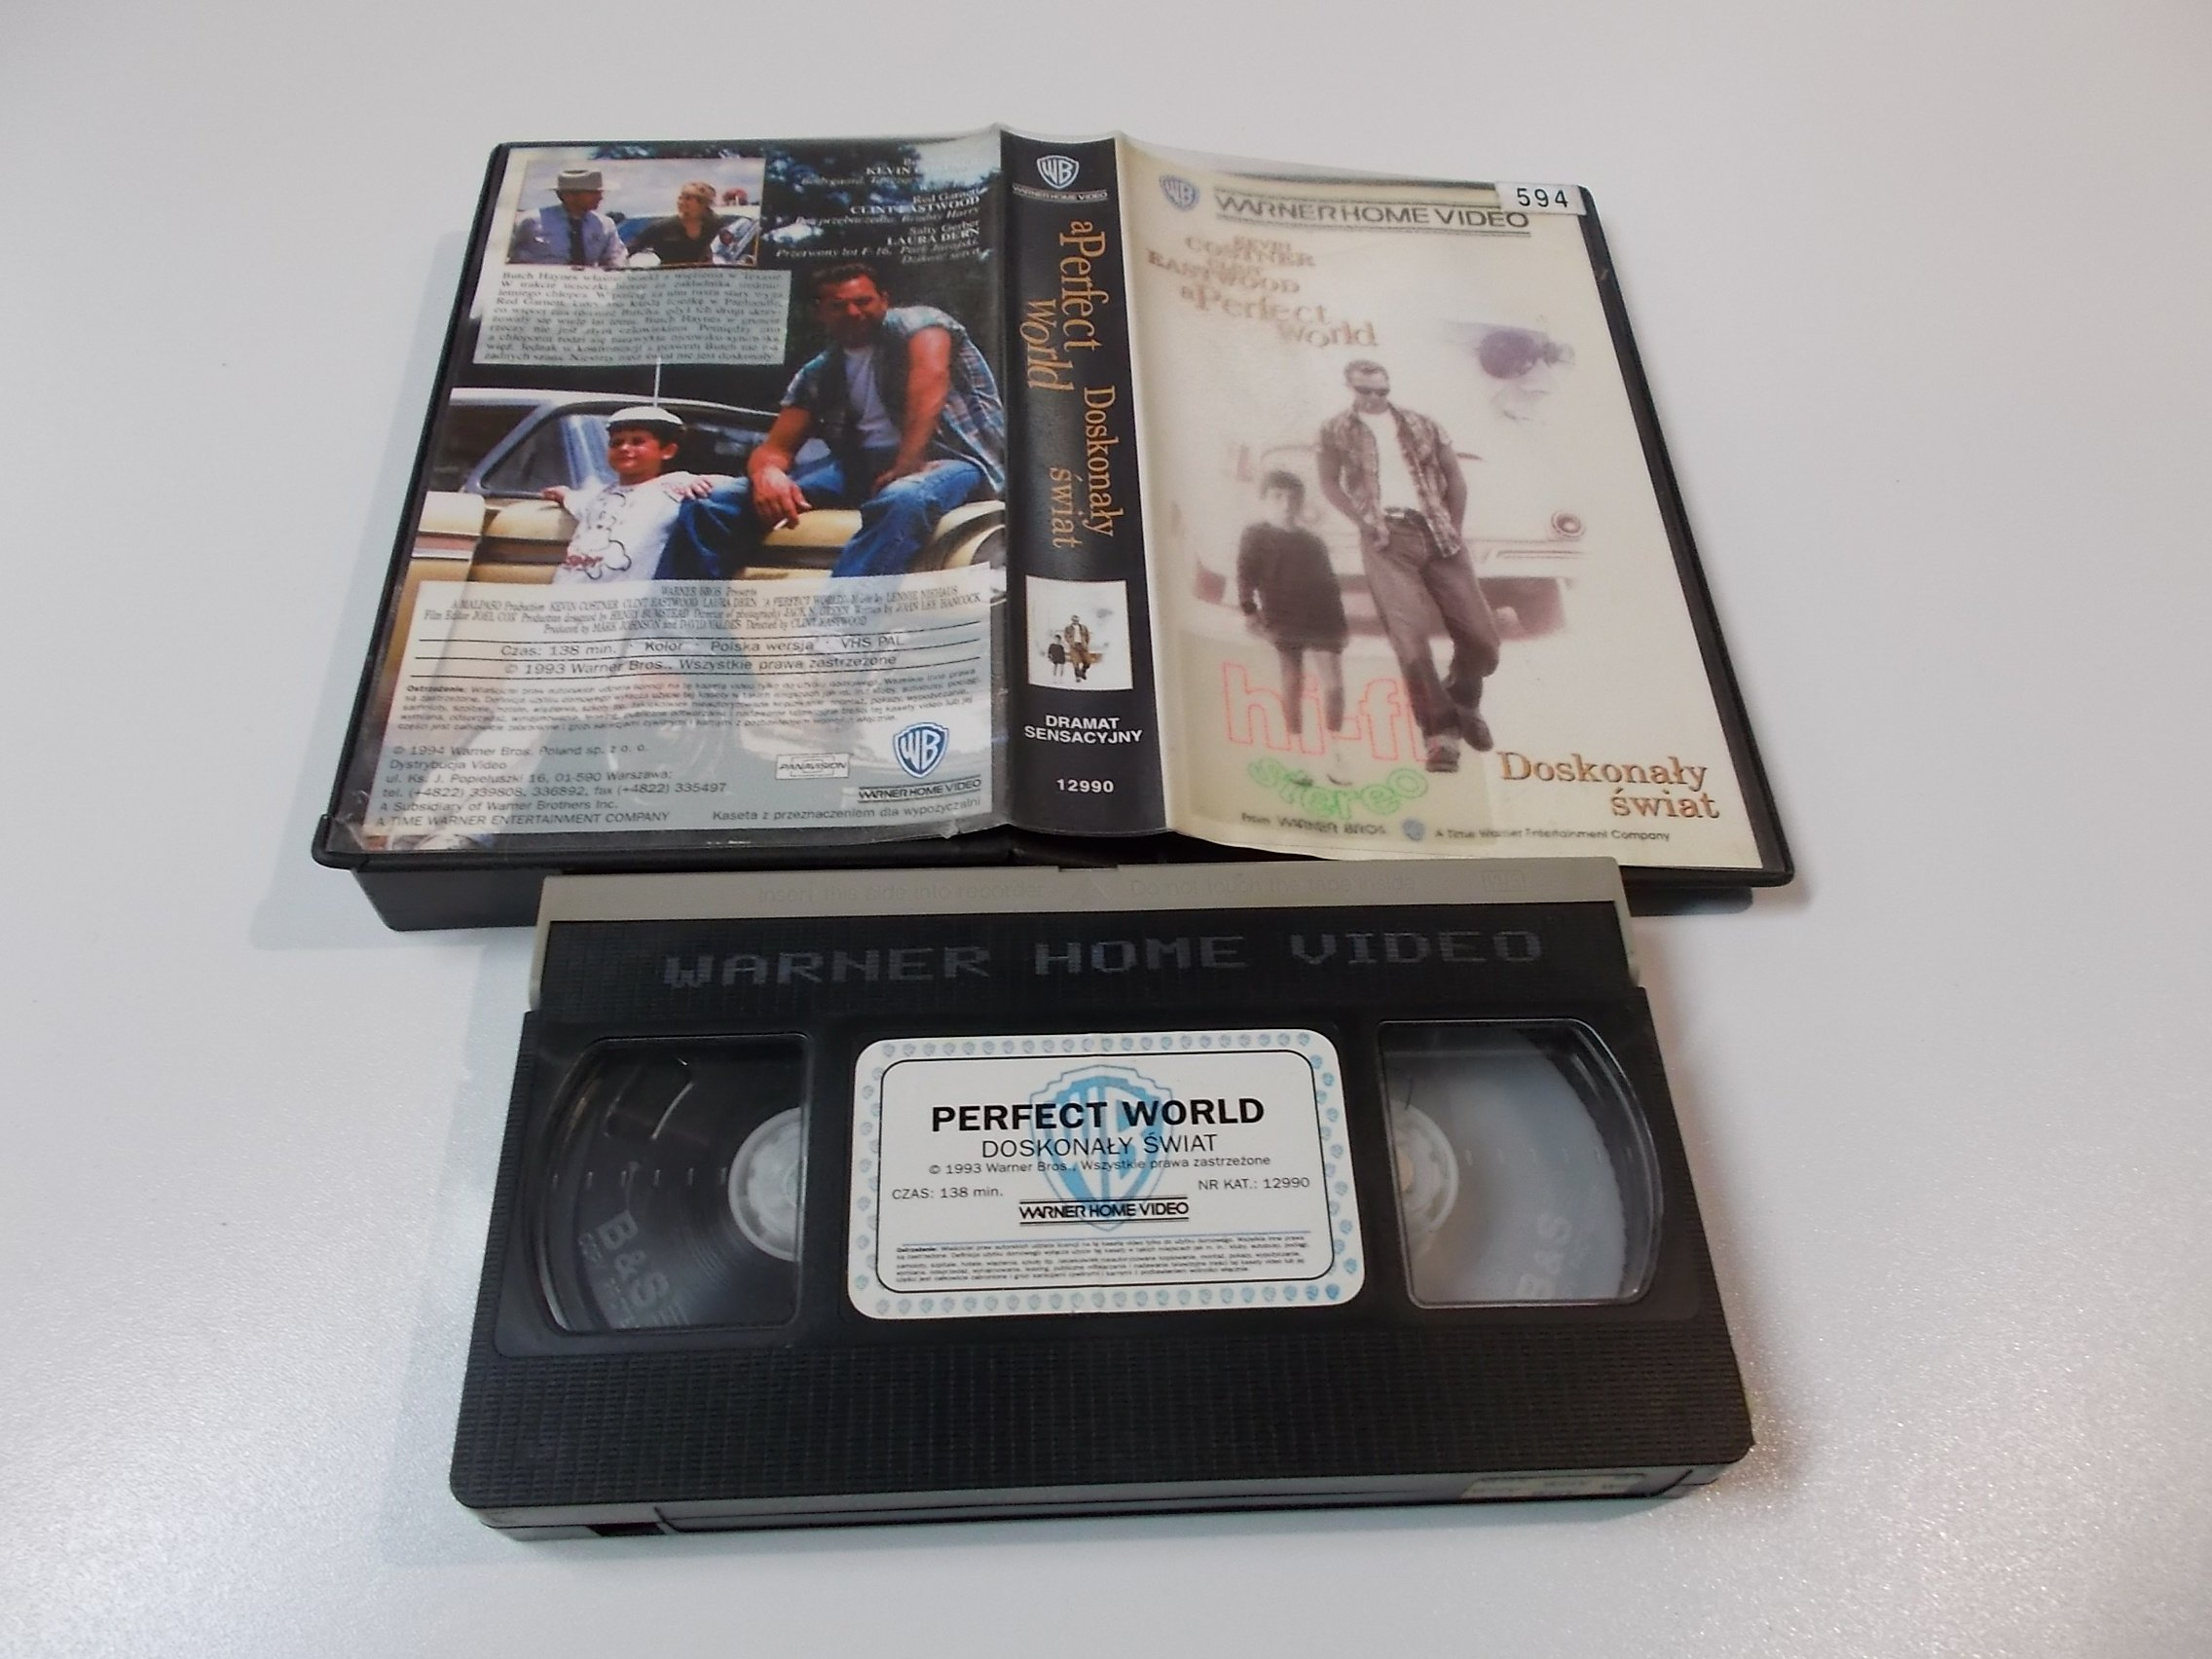 DOSKONAŁY ŚWIAT - KEVIN COSTNER - Kaseta Video VHS - Opole 1513